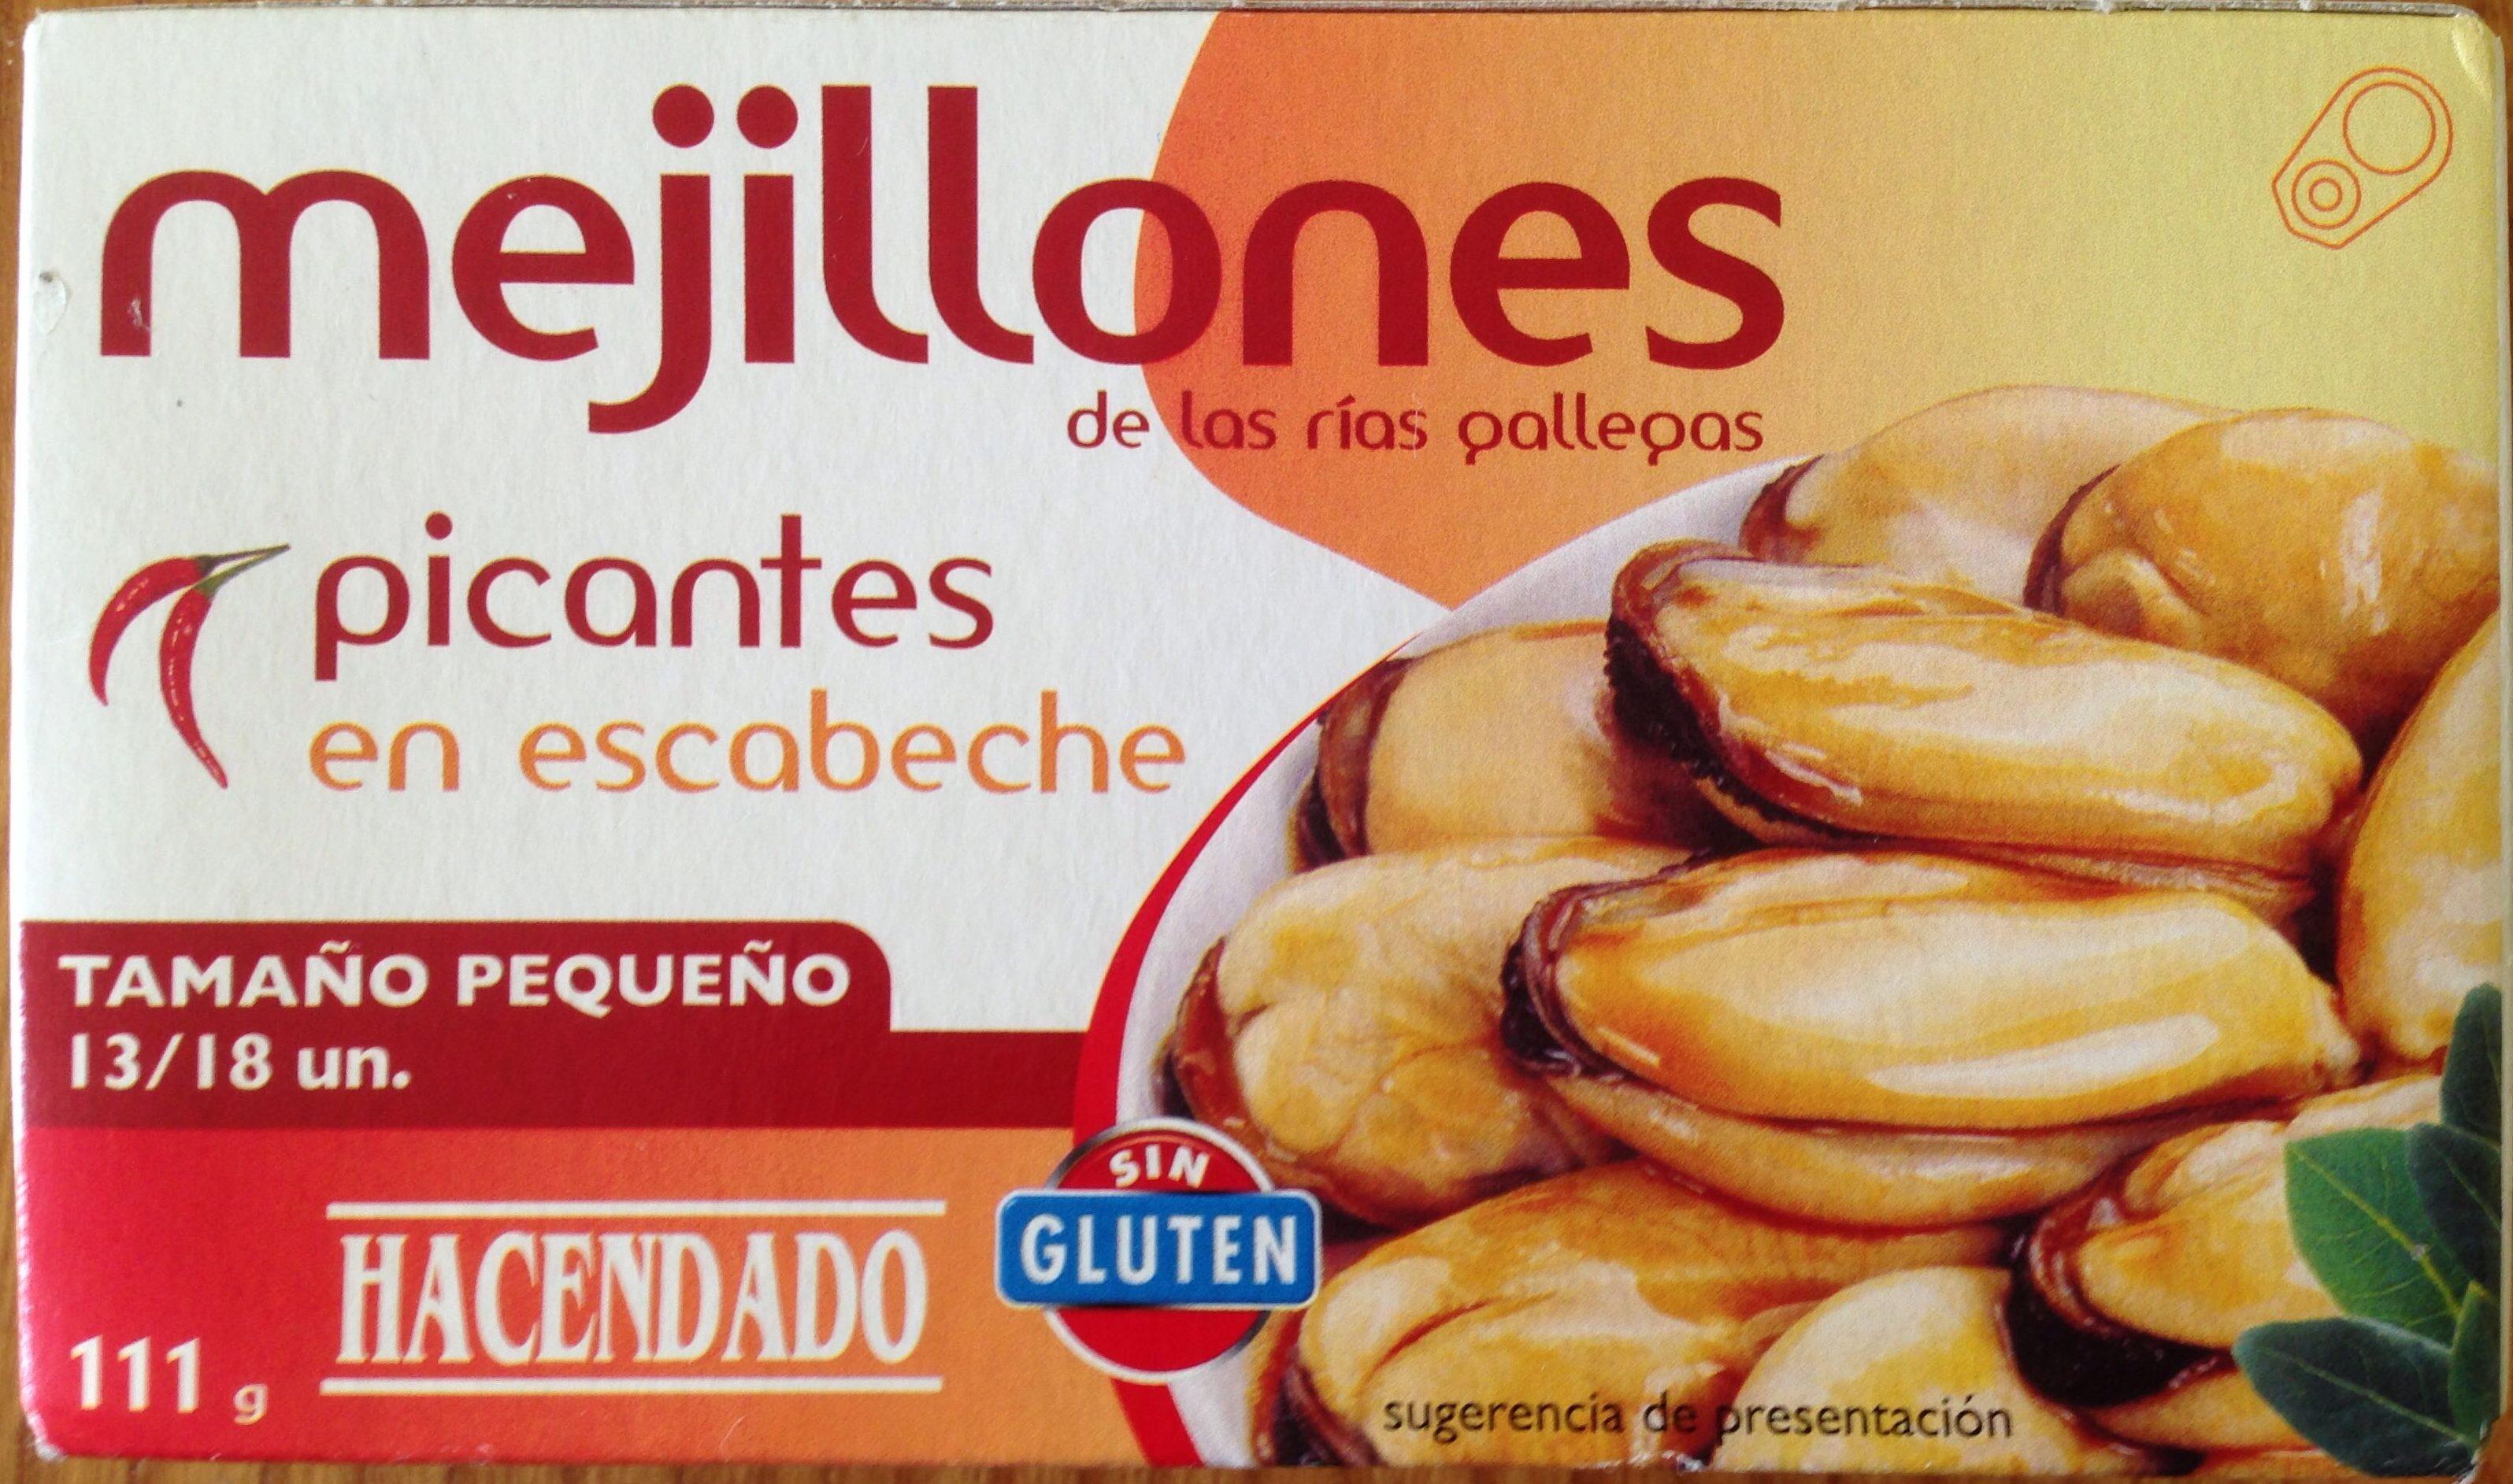 Mejillones de las rías gallegas Picantes en escabeche. - Producto